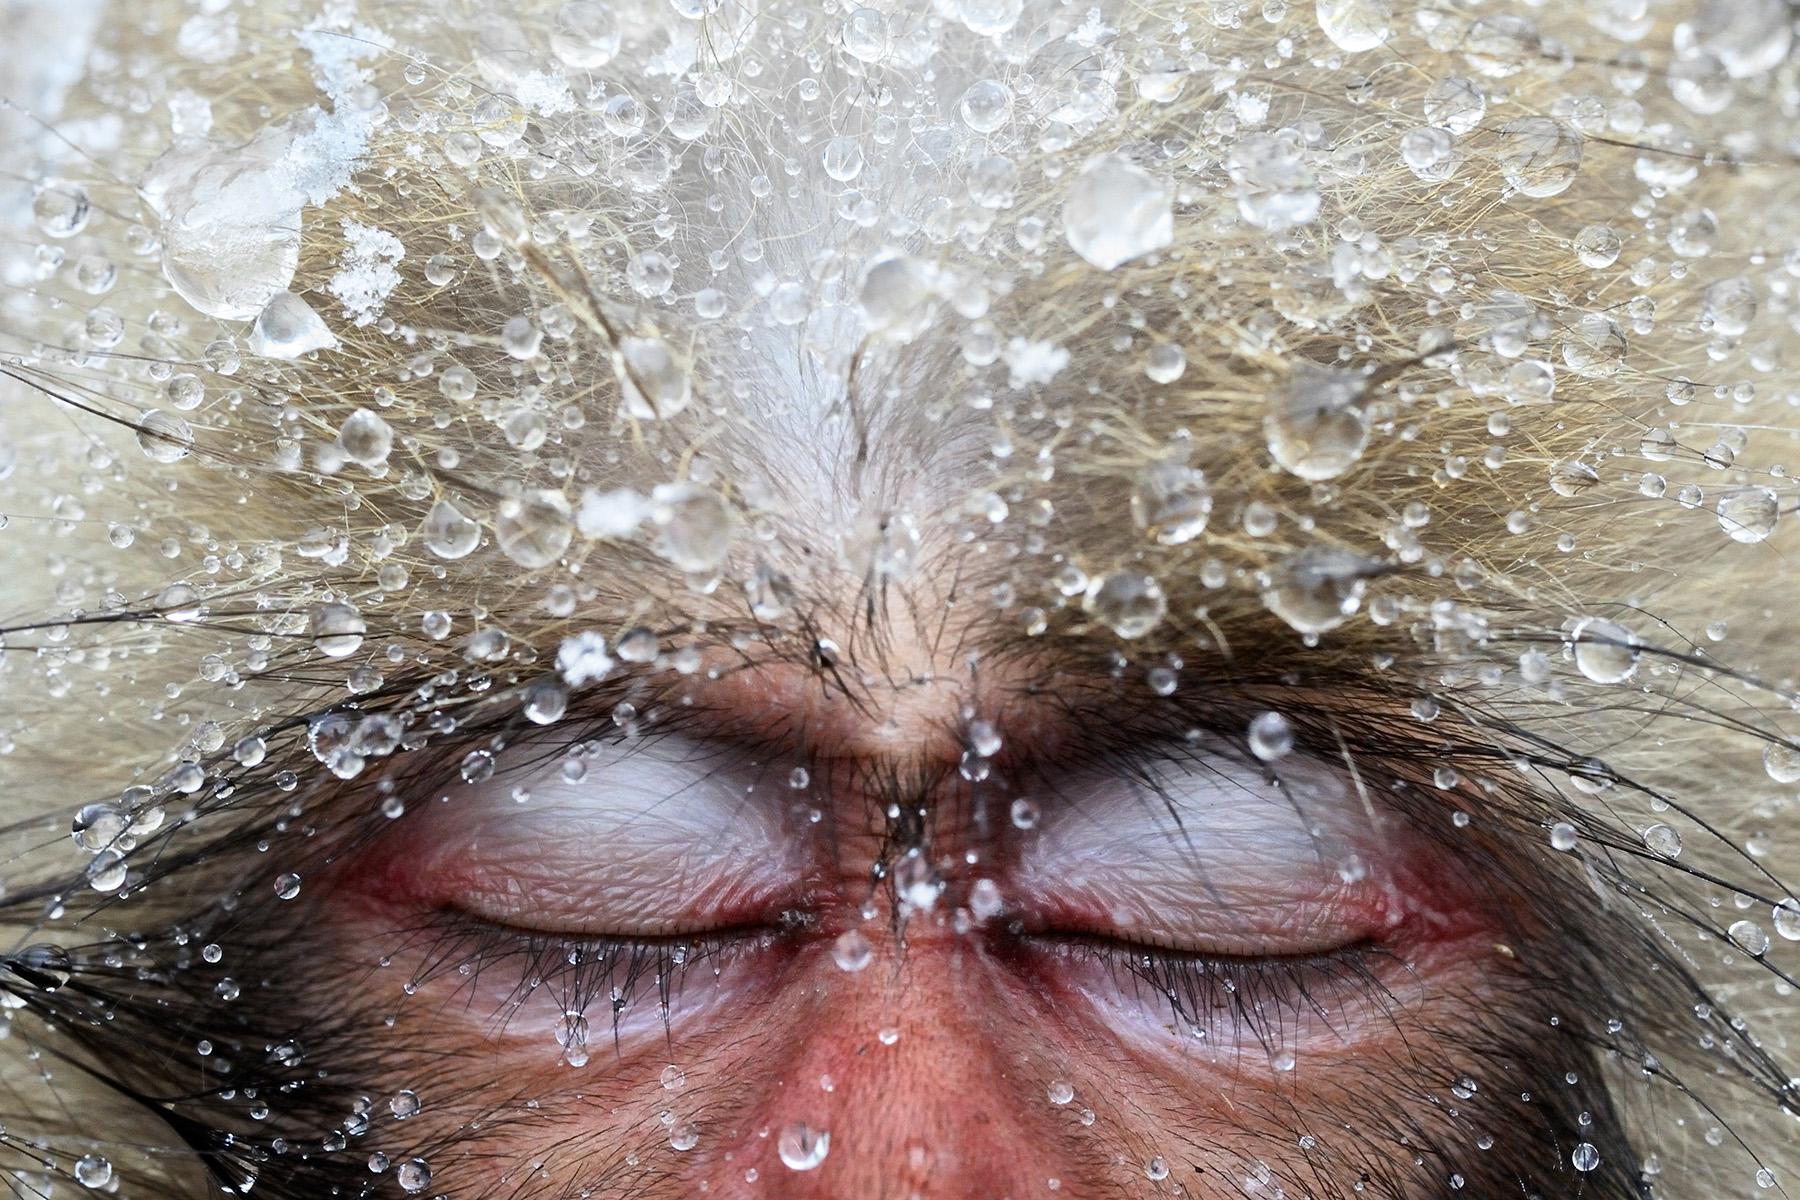 foto van Jasper Doest van aap met ogen gesloten en waterdruppels